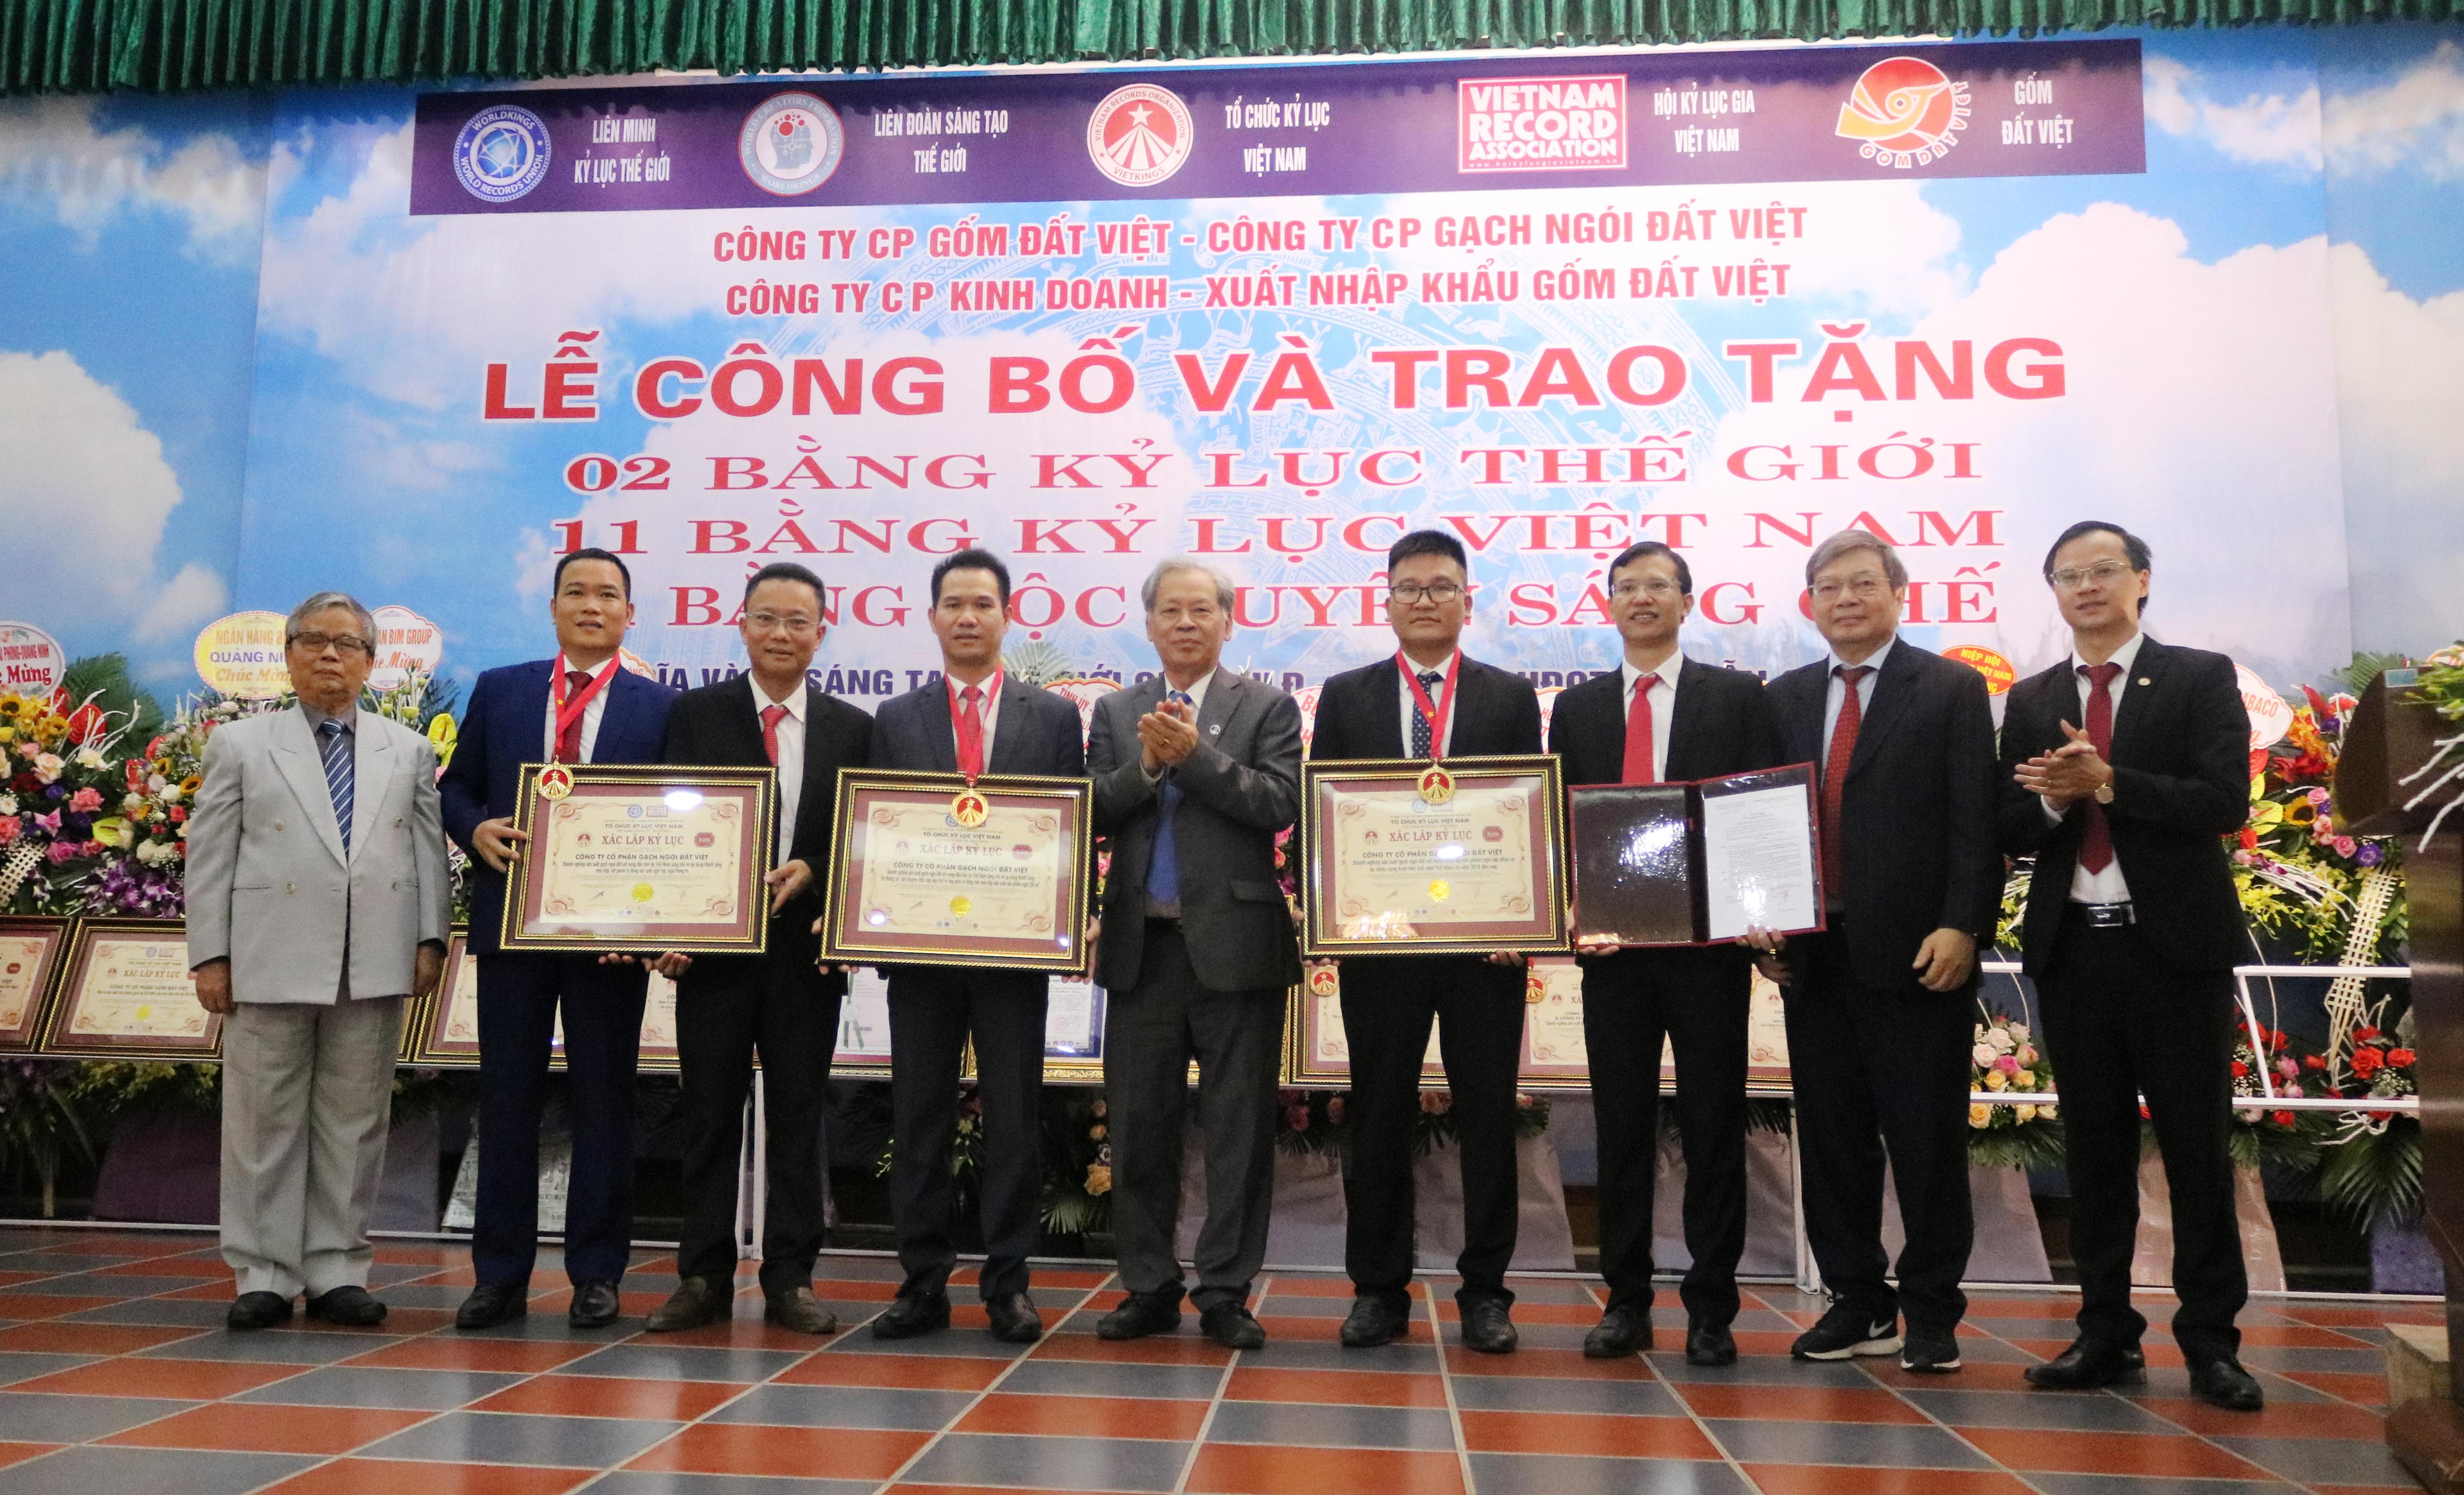 Sản phẩm Gốm Đất Việt vinh dự đón nhận hai bằng Kỷ lục Thế giới.